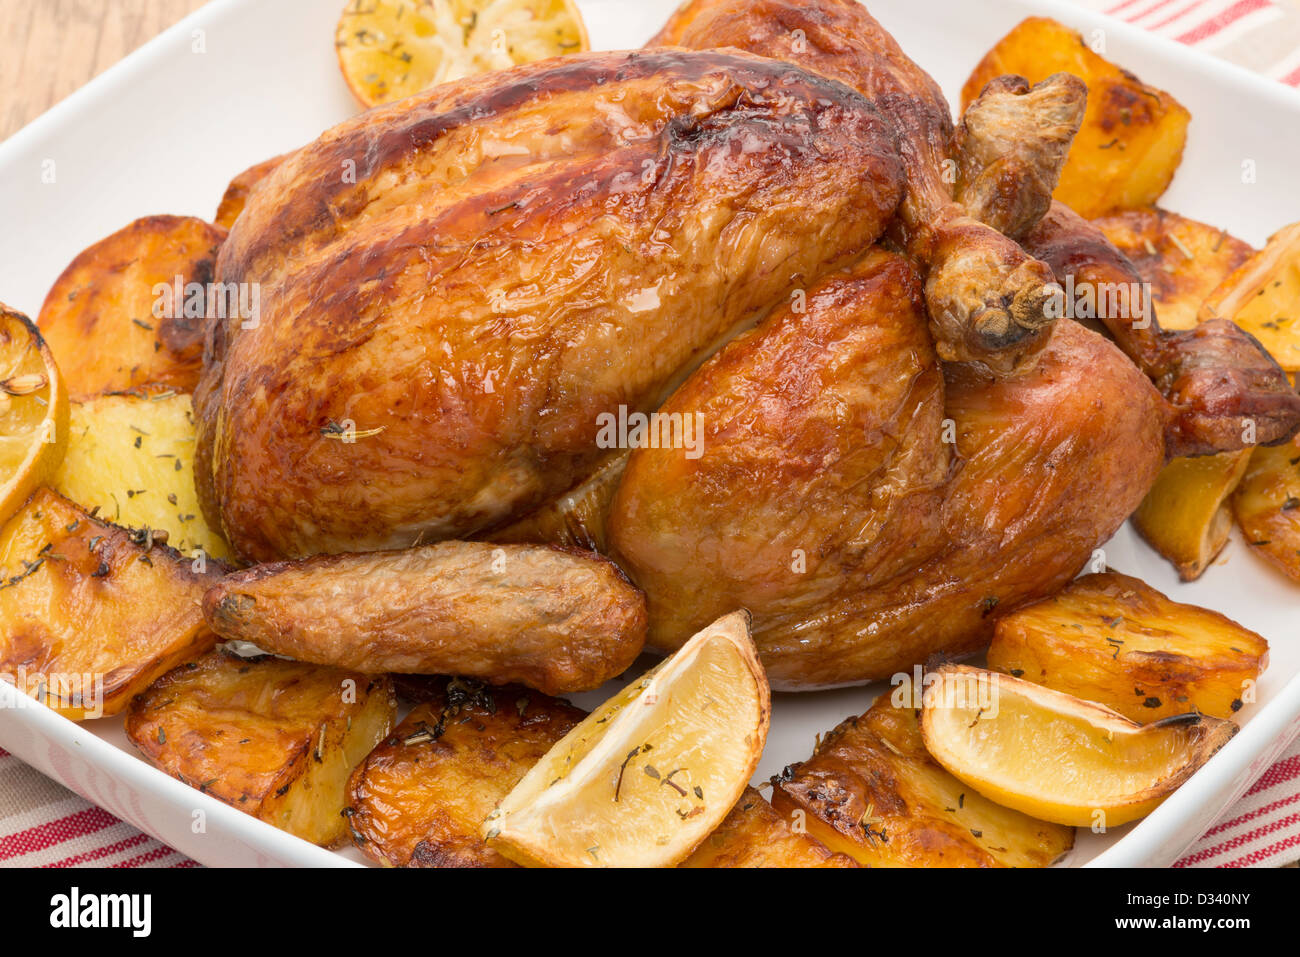 Poulet rôti avec pommes de terre rôties et de citron. Photo Stock